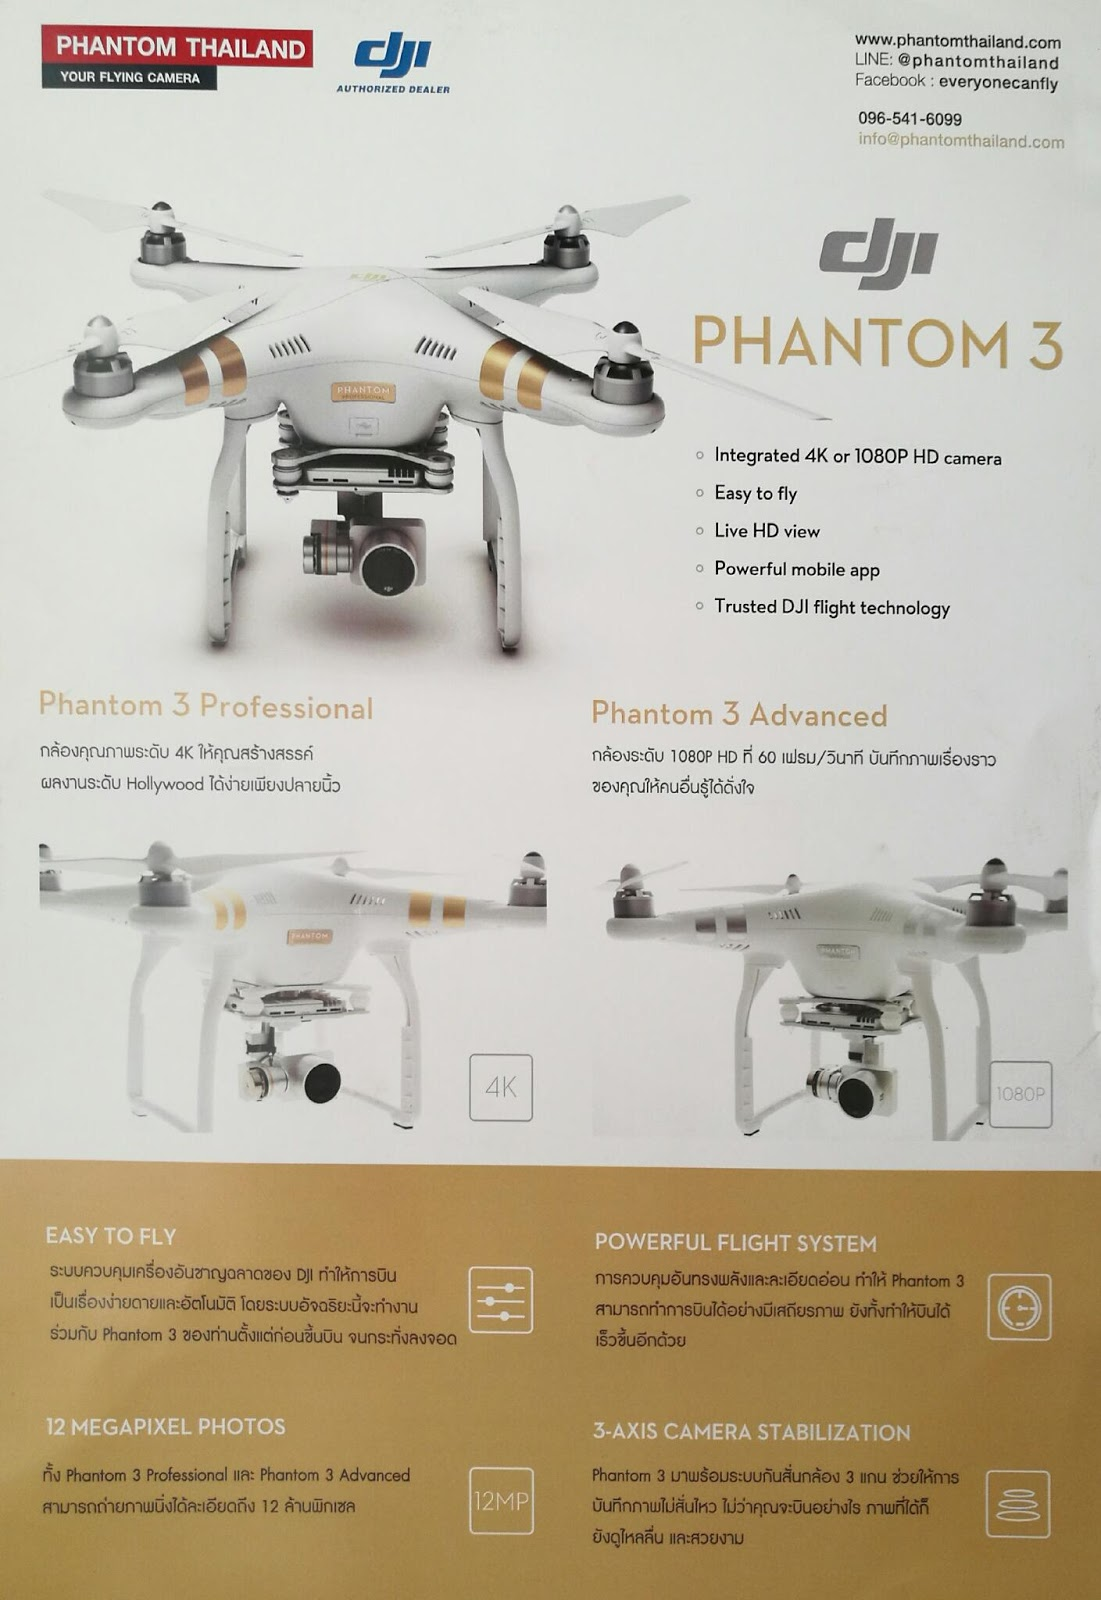 acheter drone a lyon